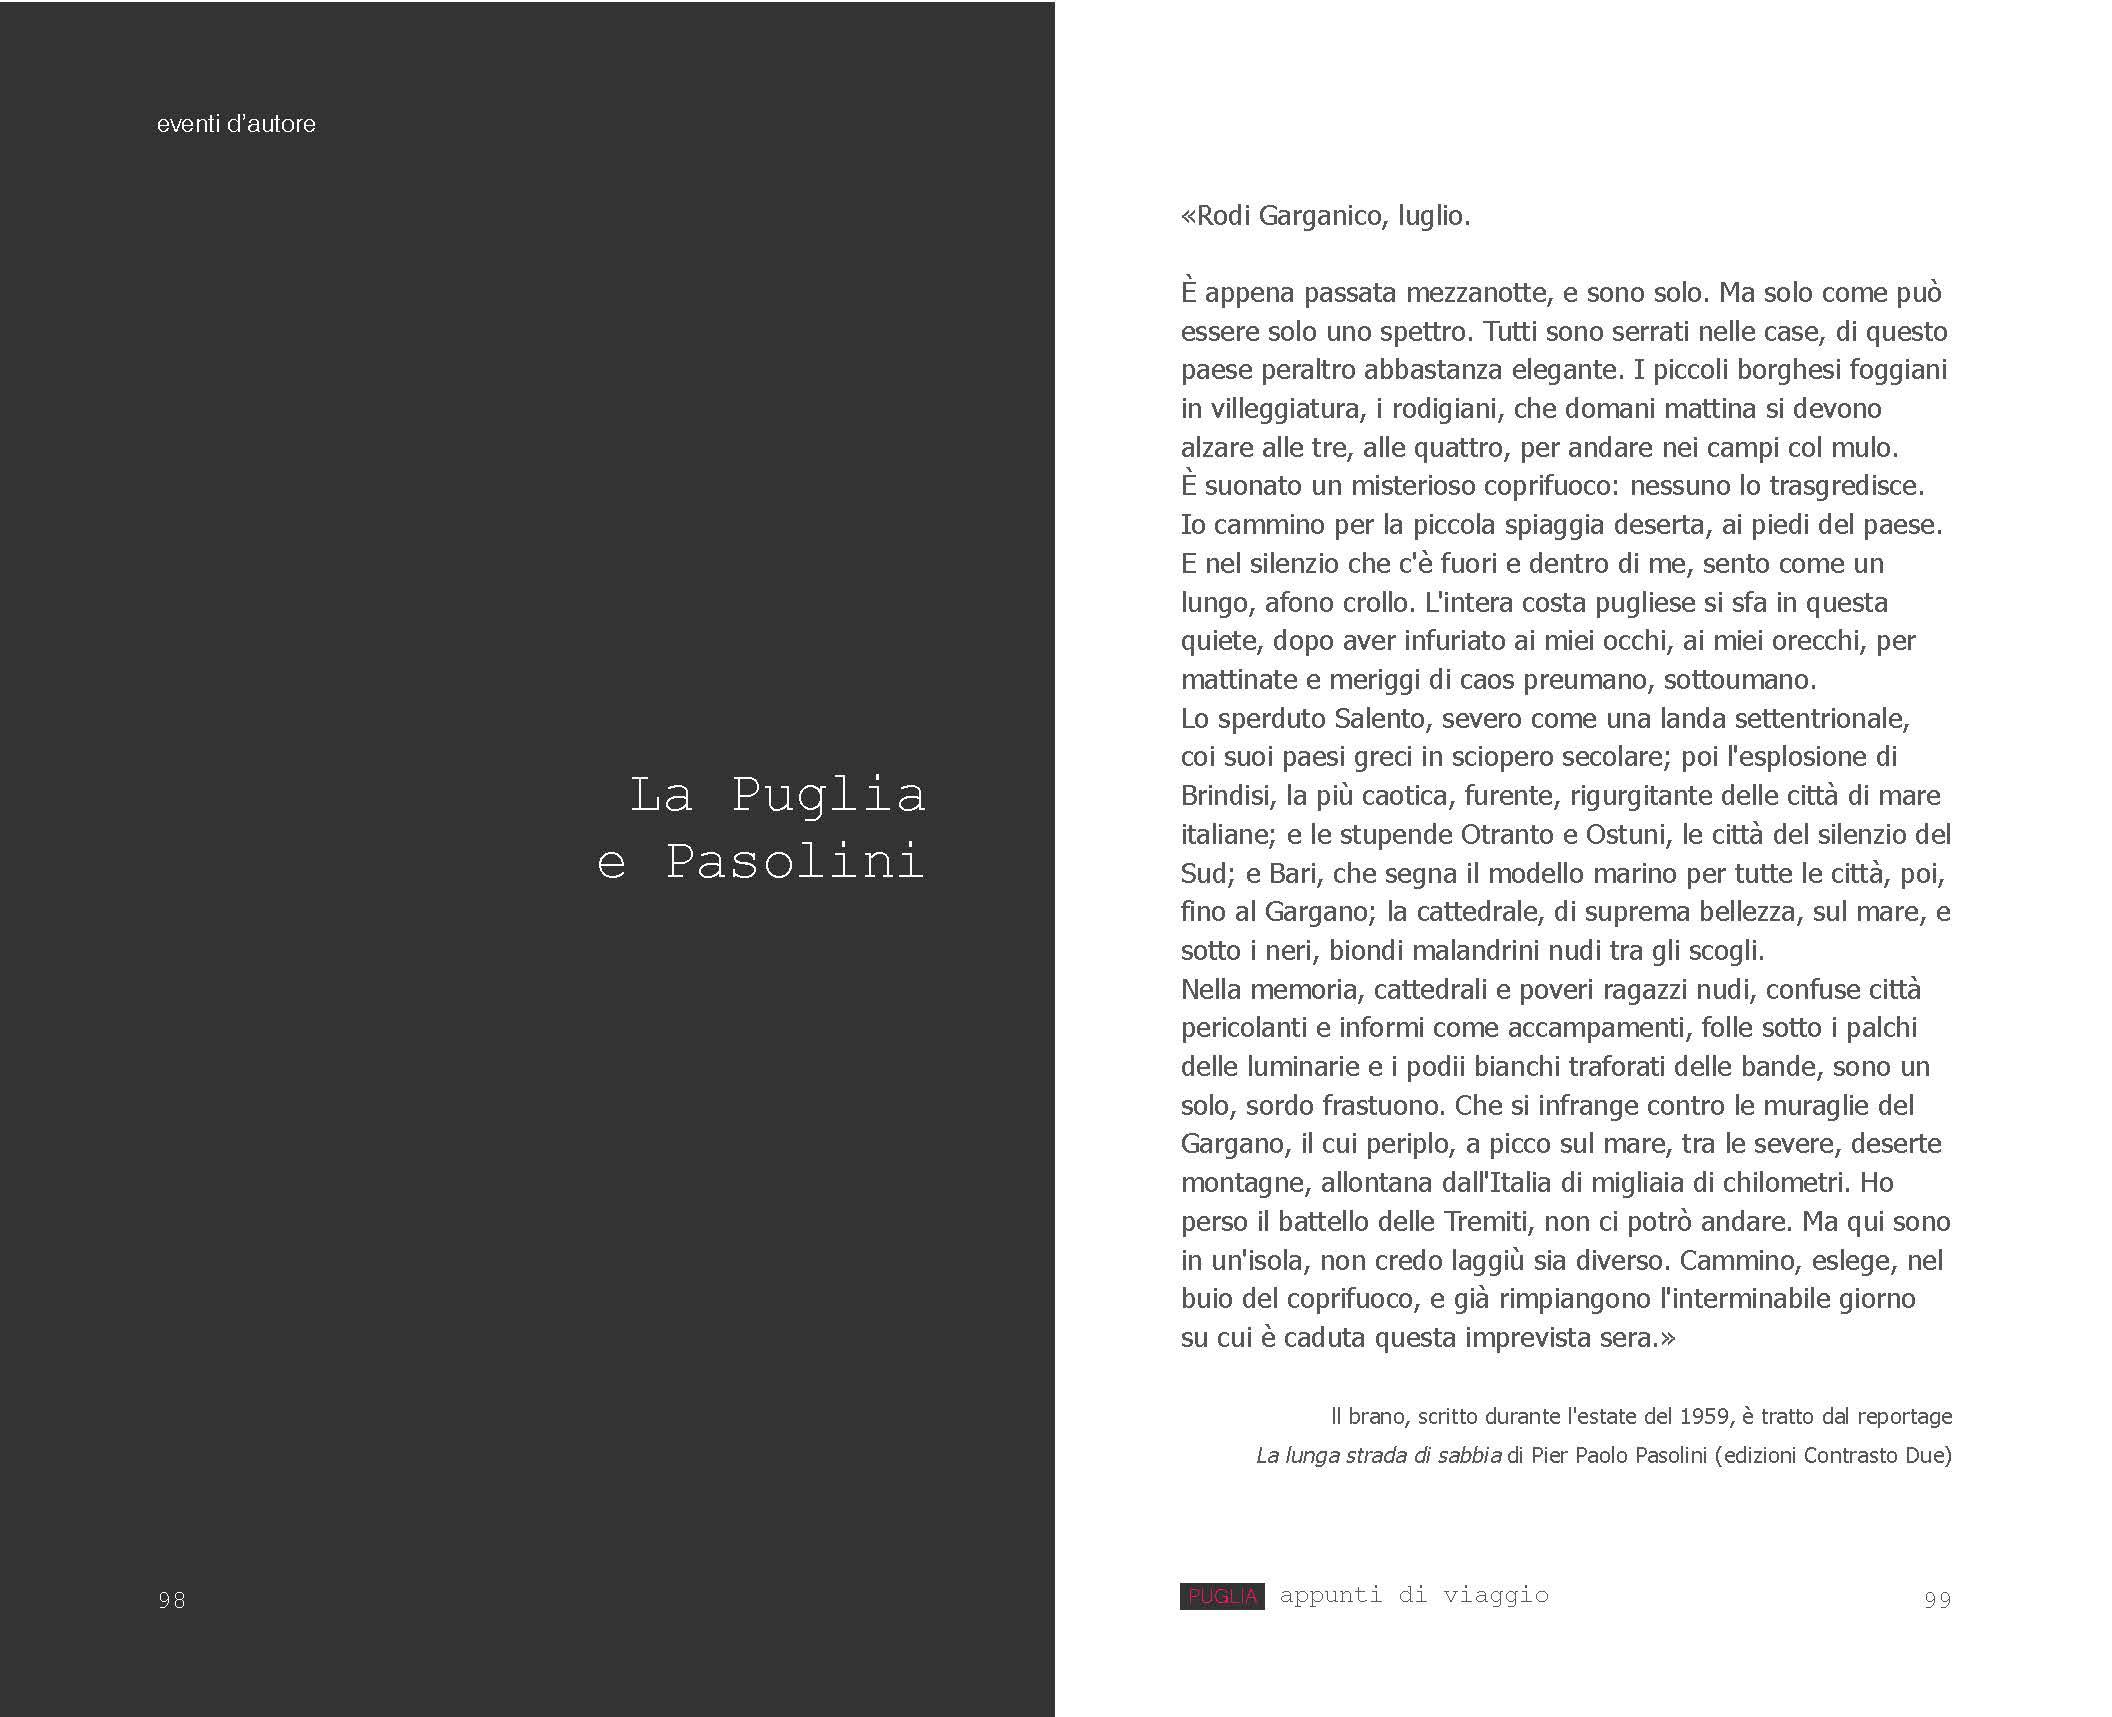 puglia_appunti_di_viaggio_Pagina_99.jpg